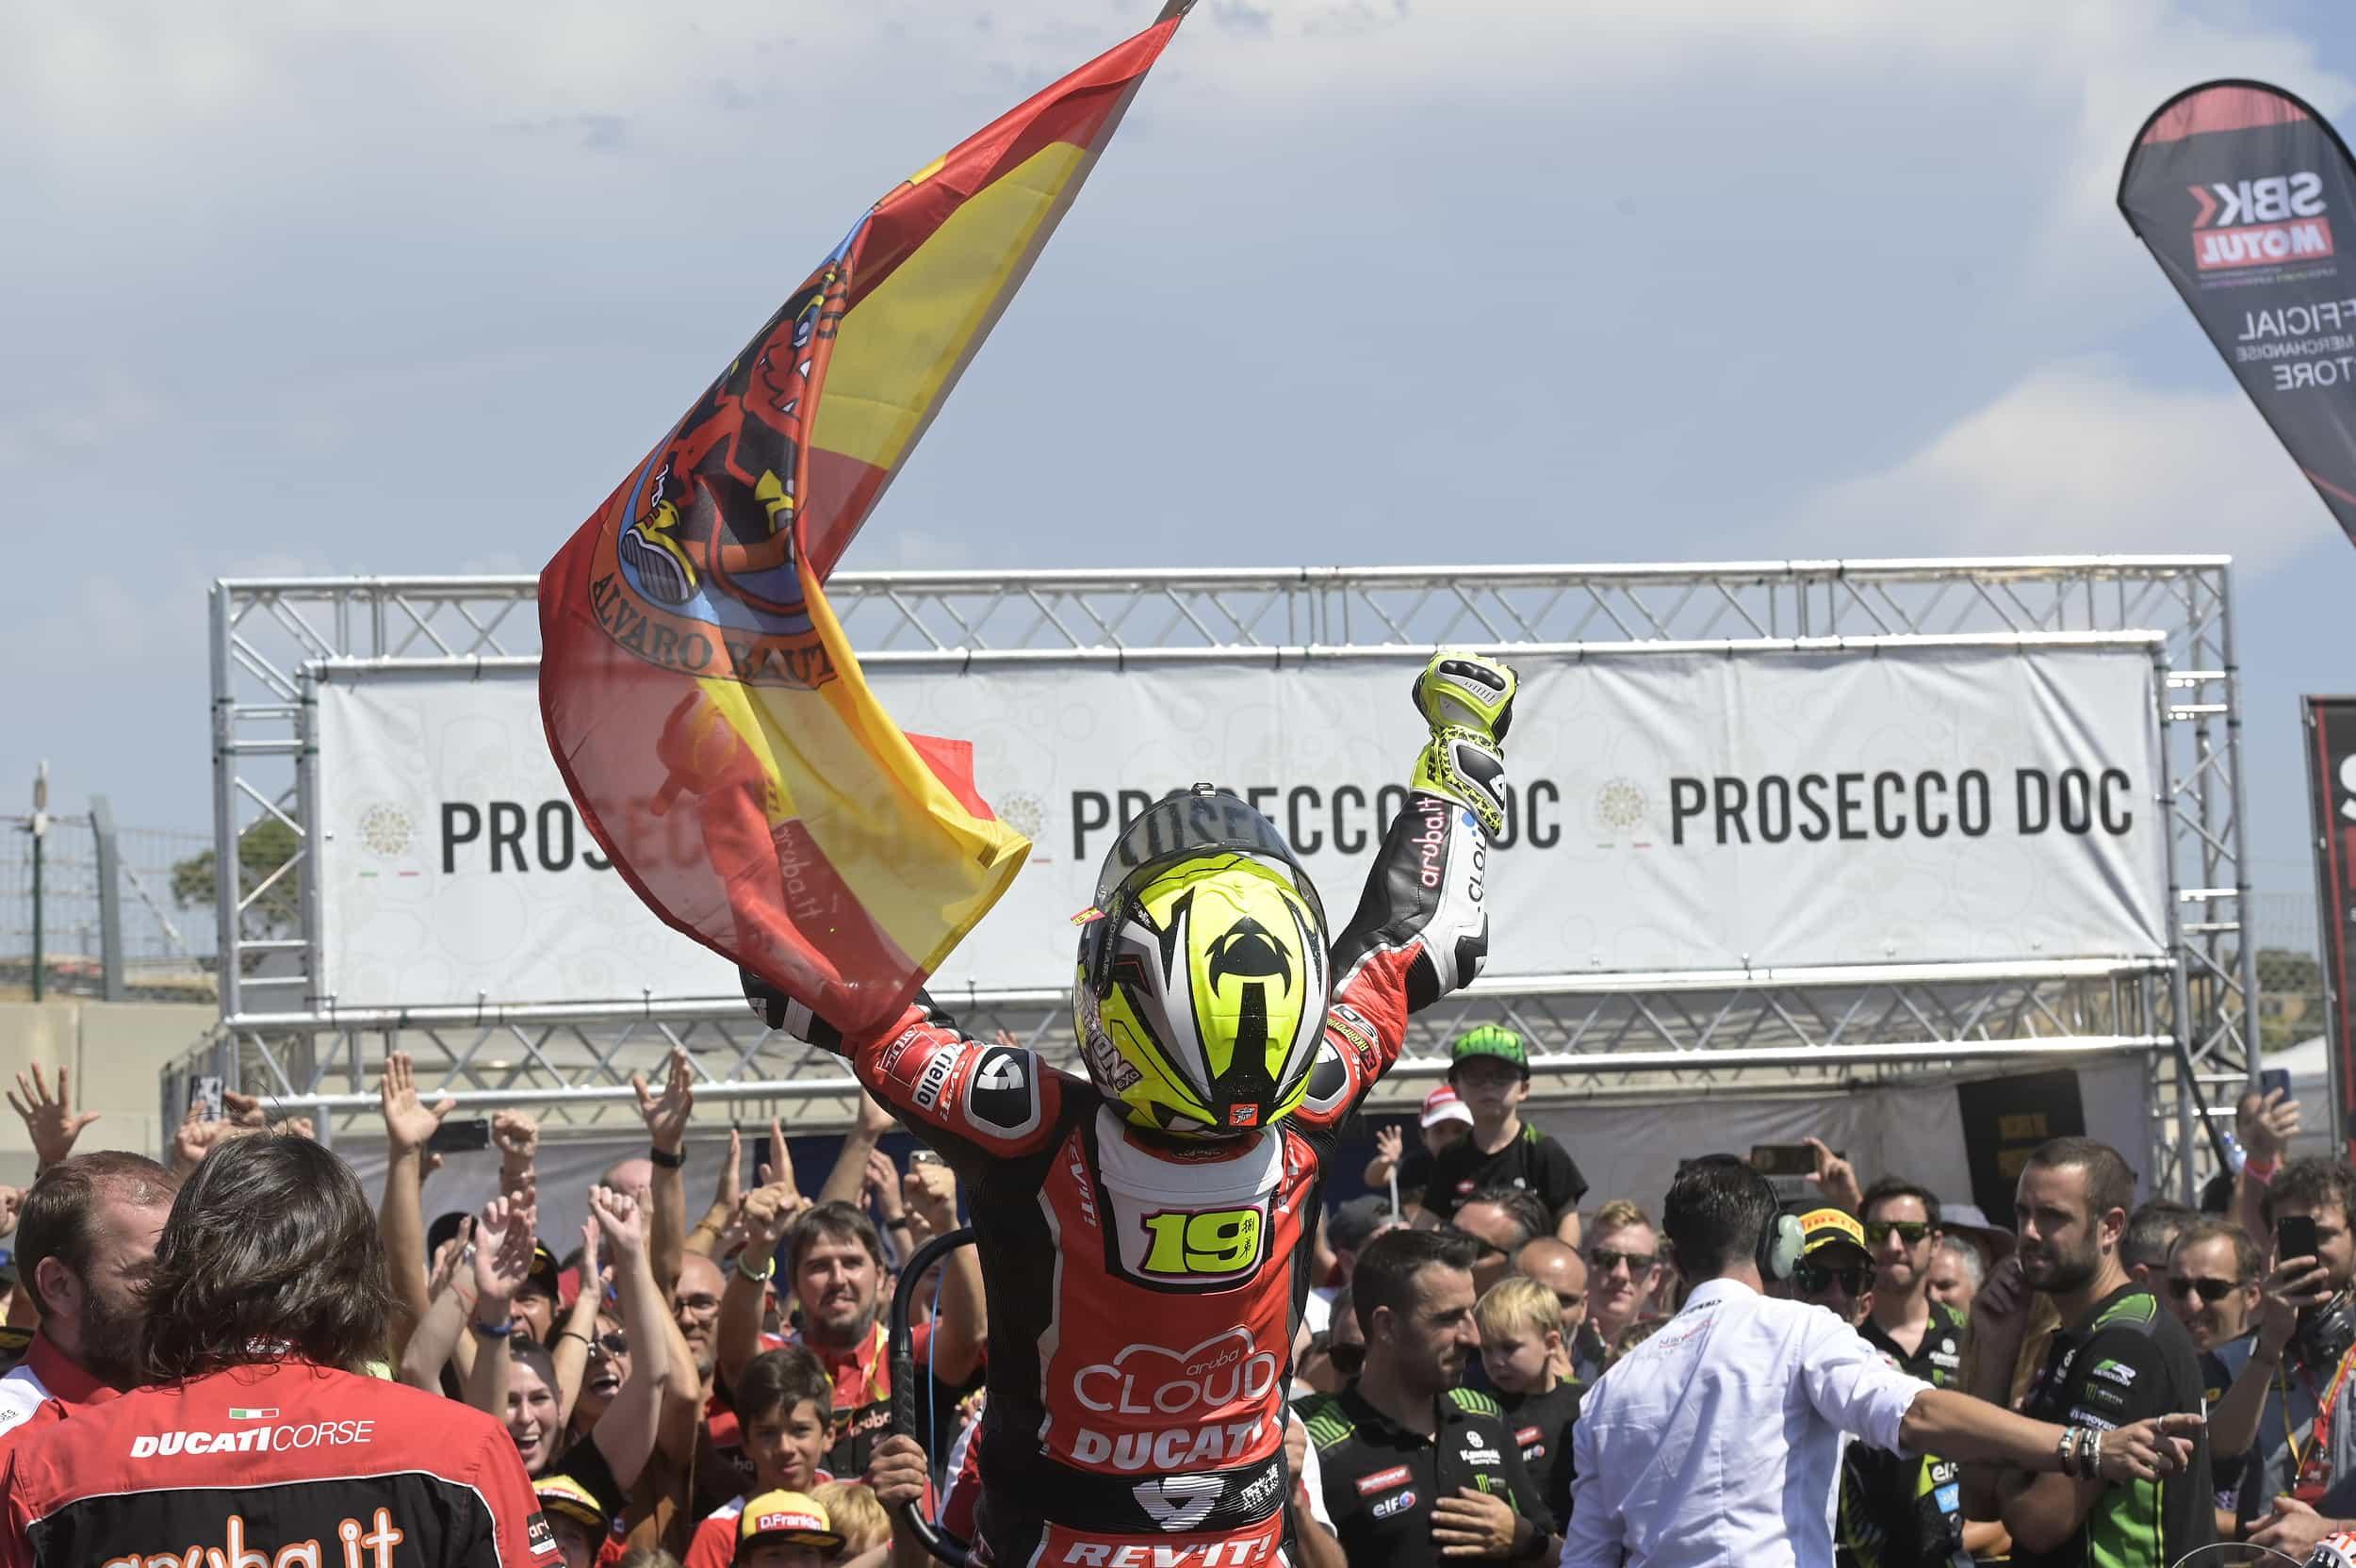 ピレリ(Pirelli)ポルティマオにおけるスーパーポールレースでレイ、レース2でアルヴァロ・バウティスタが優勝